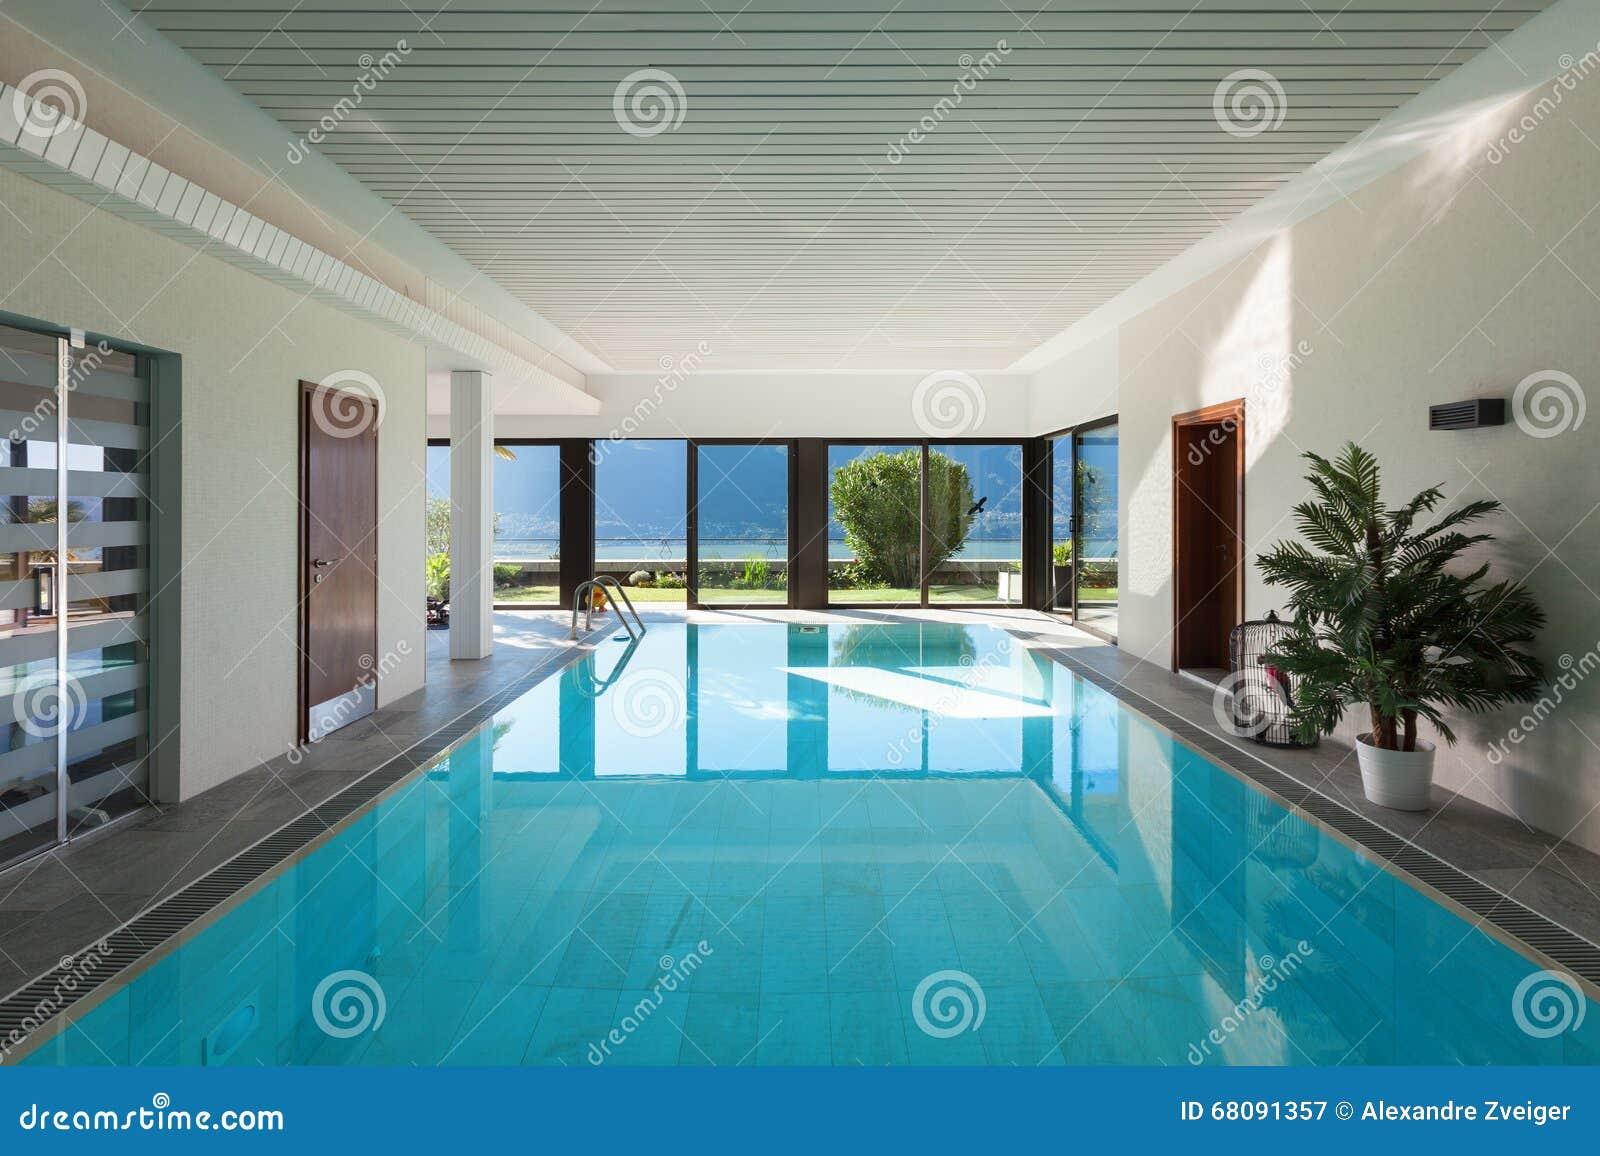 Casas con piscina interior el castaeu piscina interior - Casas con piscina interior ...